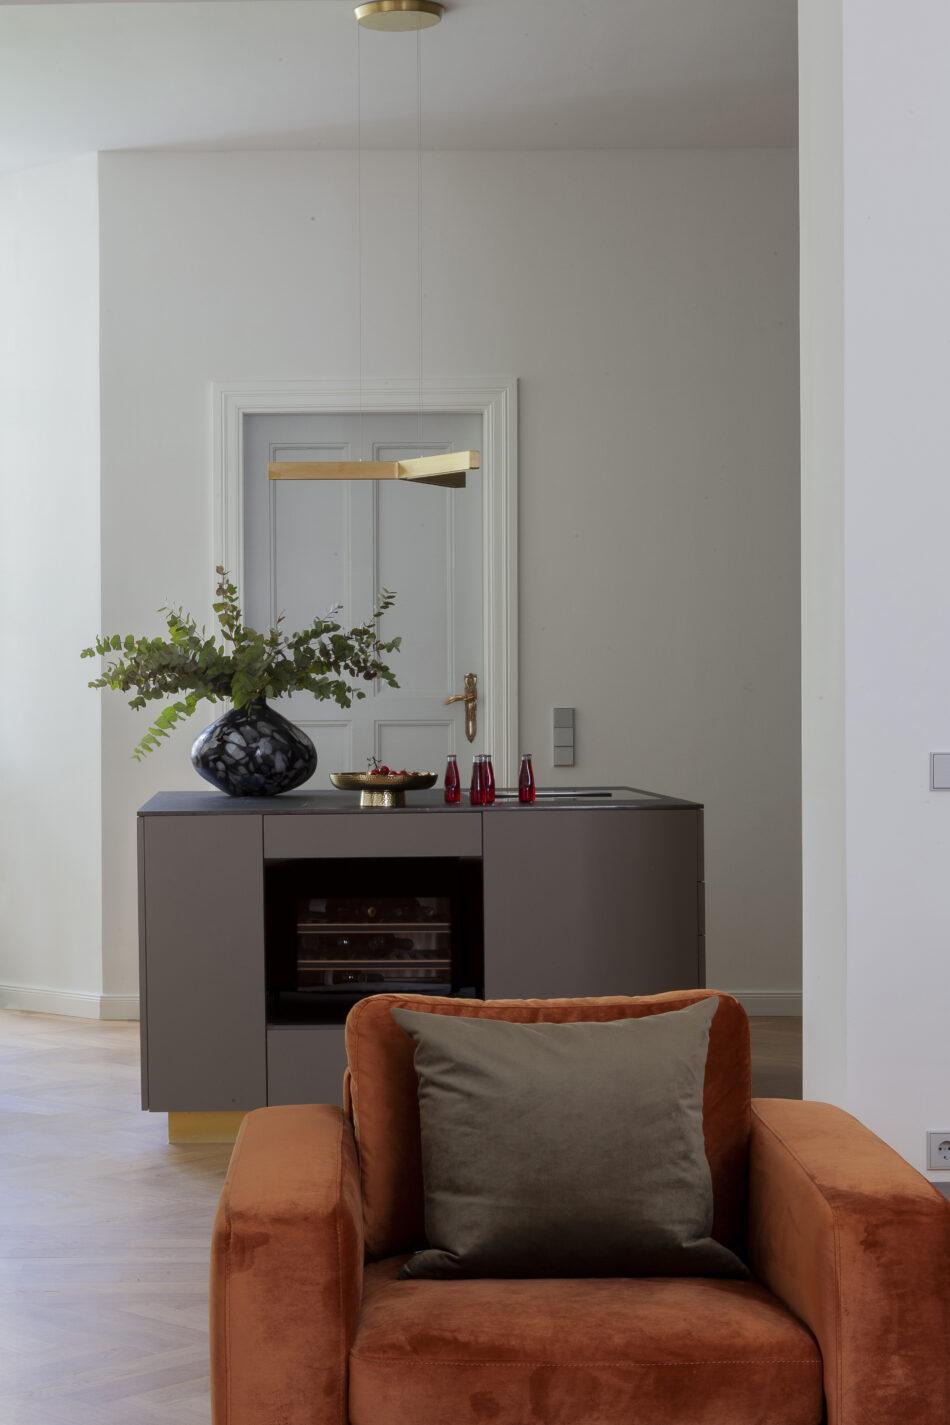 Antonius Schimmelbusch_Apartment_Berlin_Anne-Catherine Scoffoni_privat_13